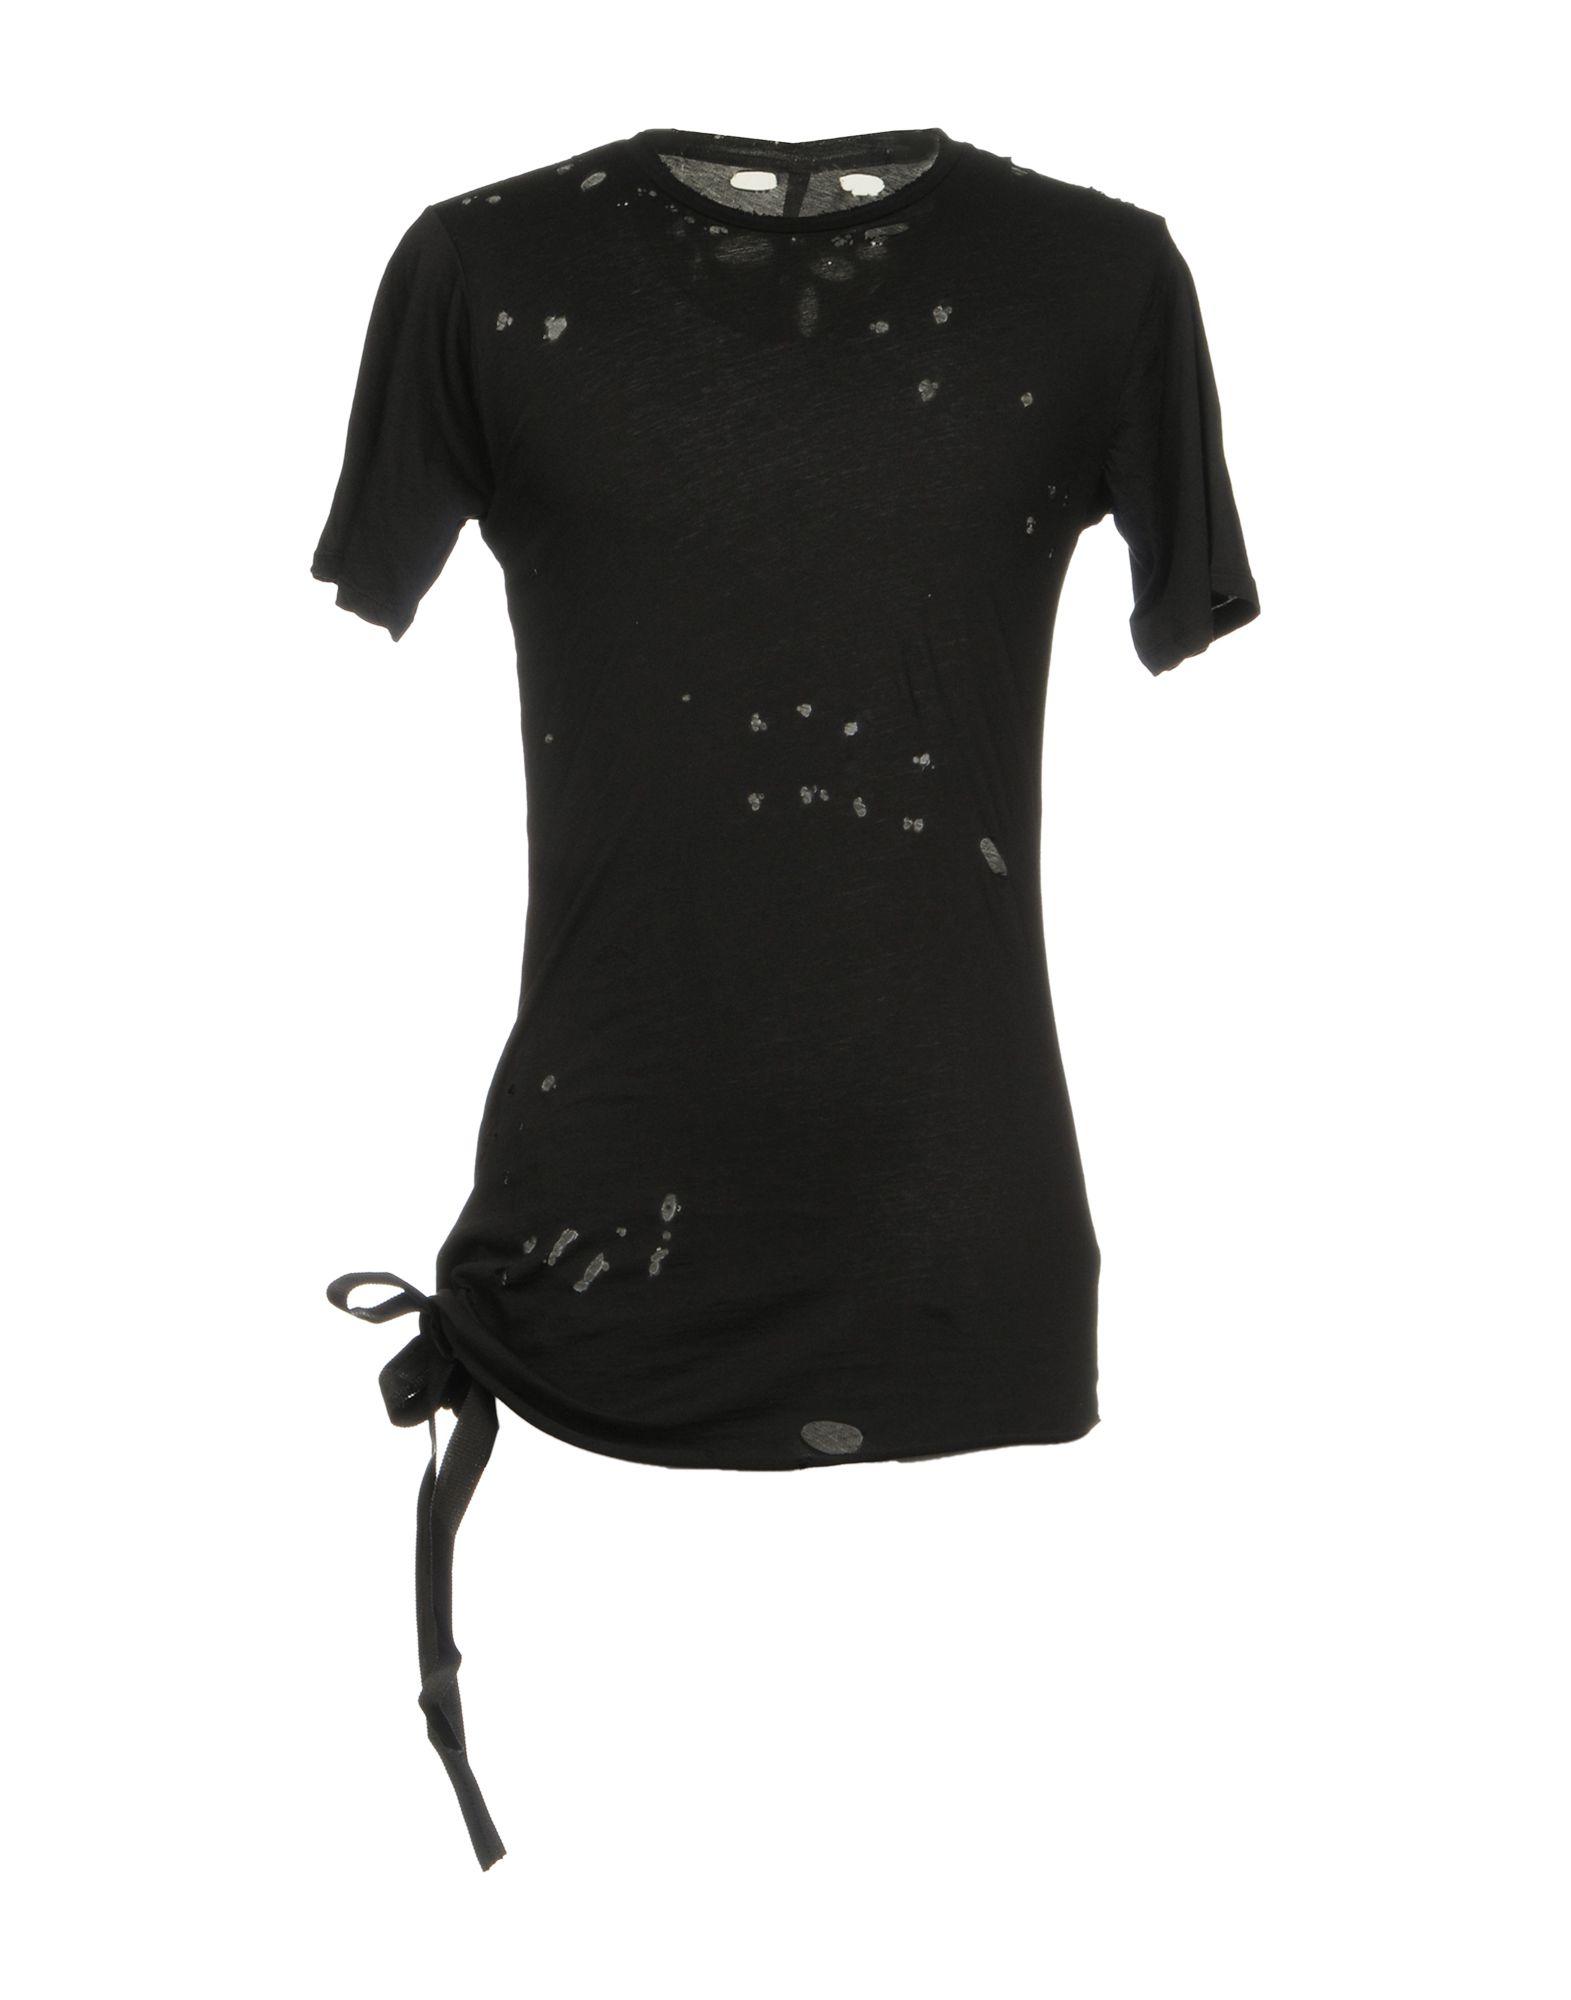 T-Shirt Ben Taverniti™ Unravel Project Uomo - Acquista online su